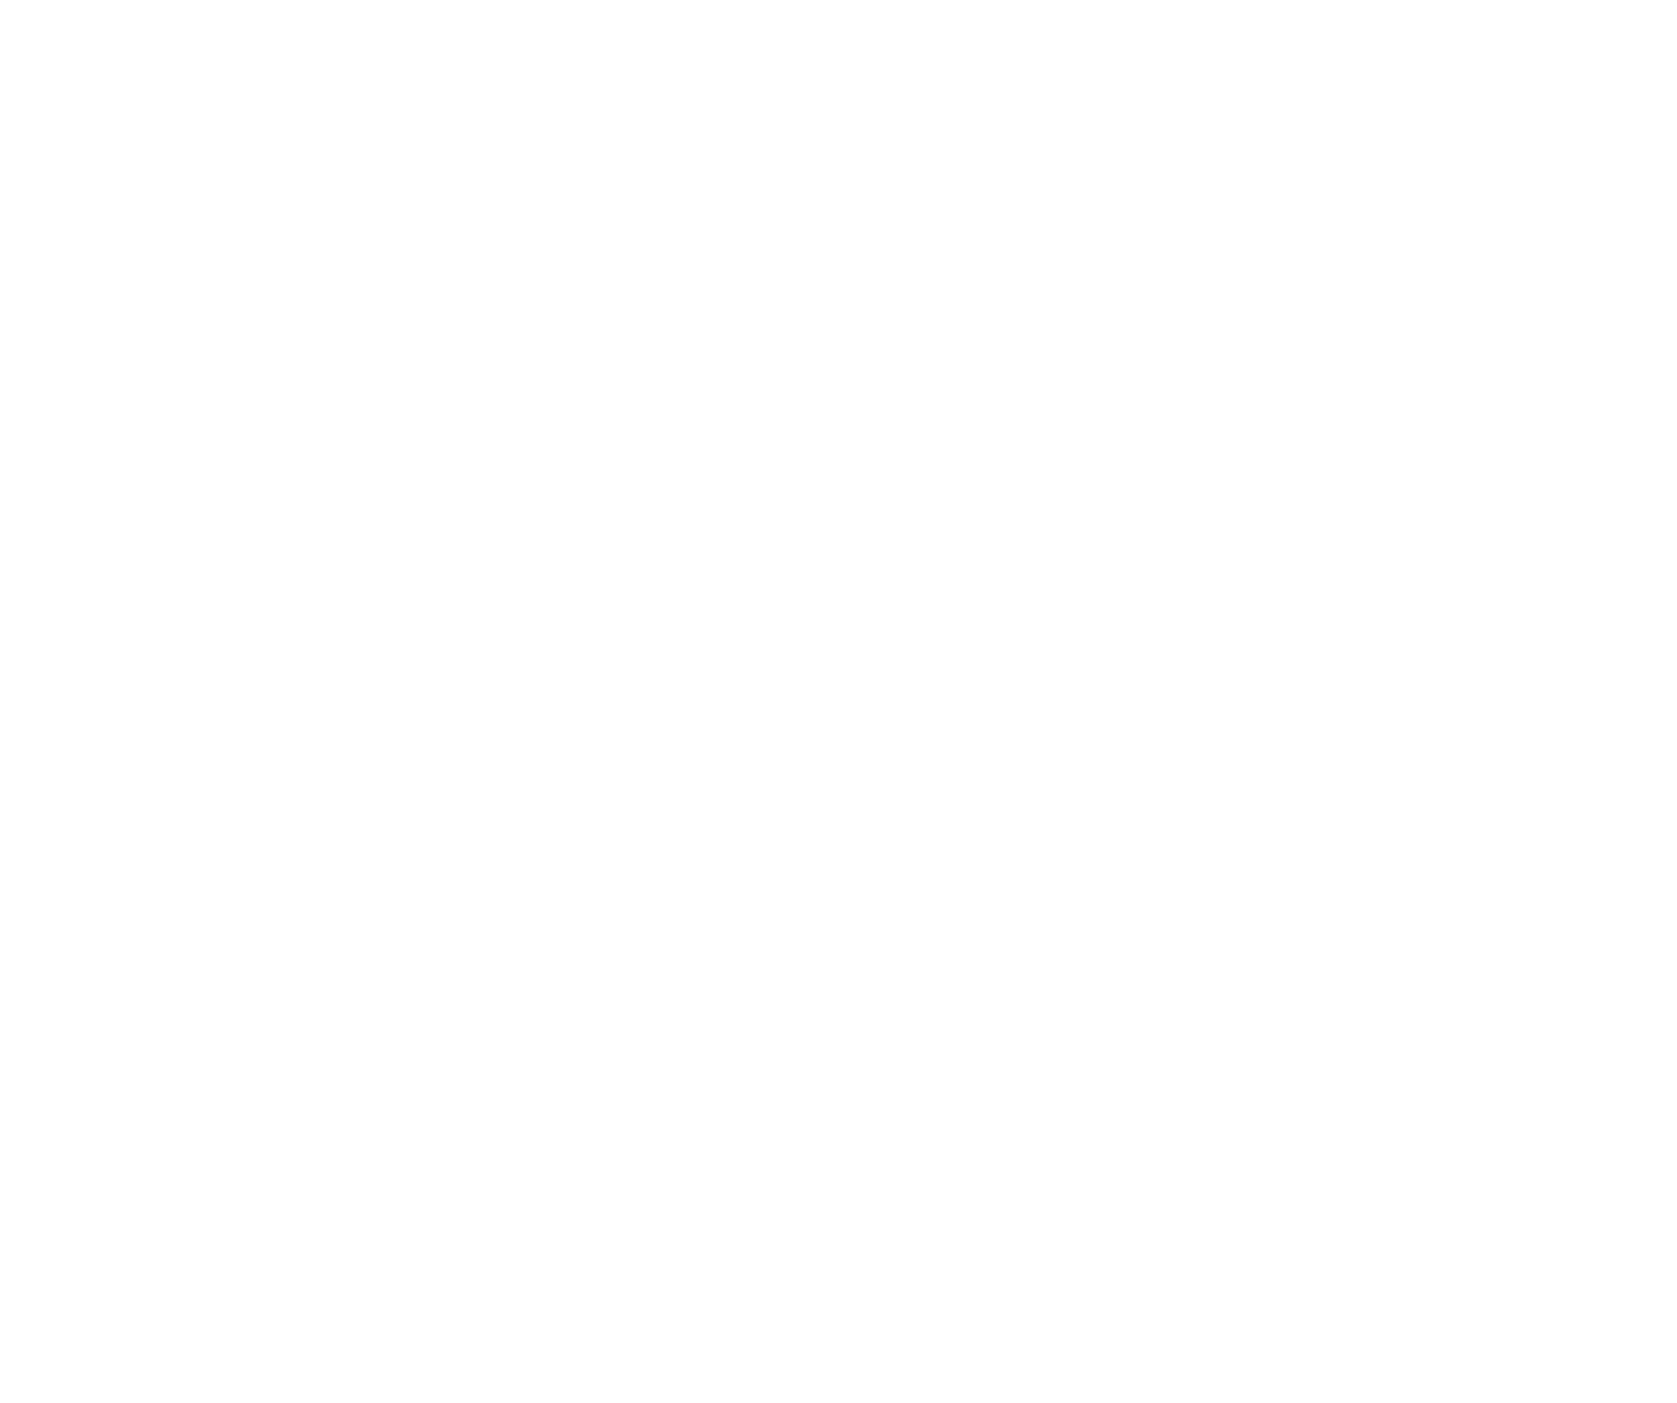 JSKD_crnobel_leva_poravnava